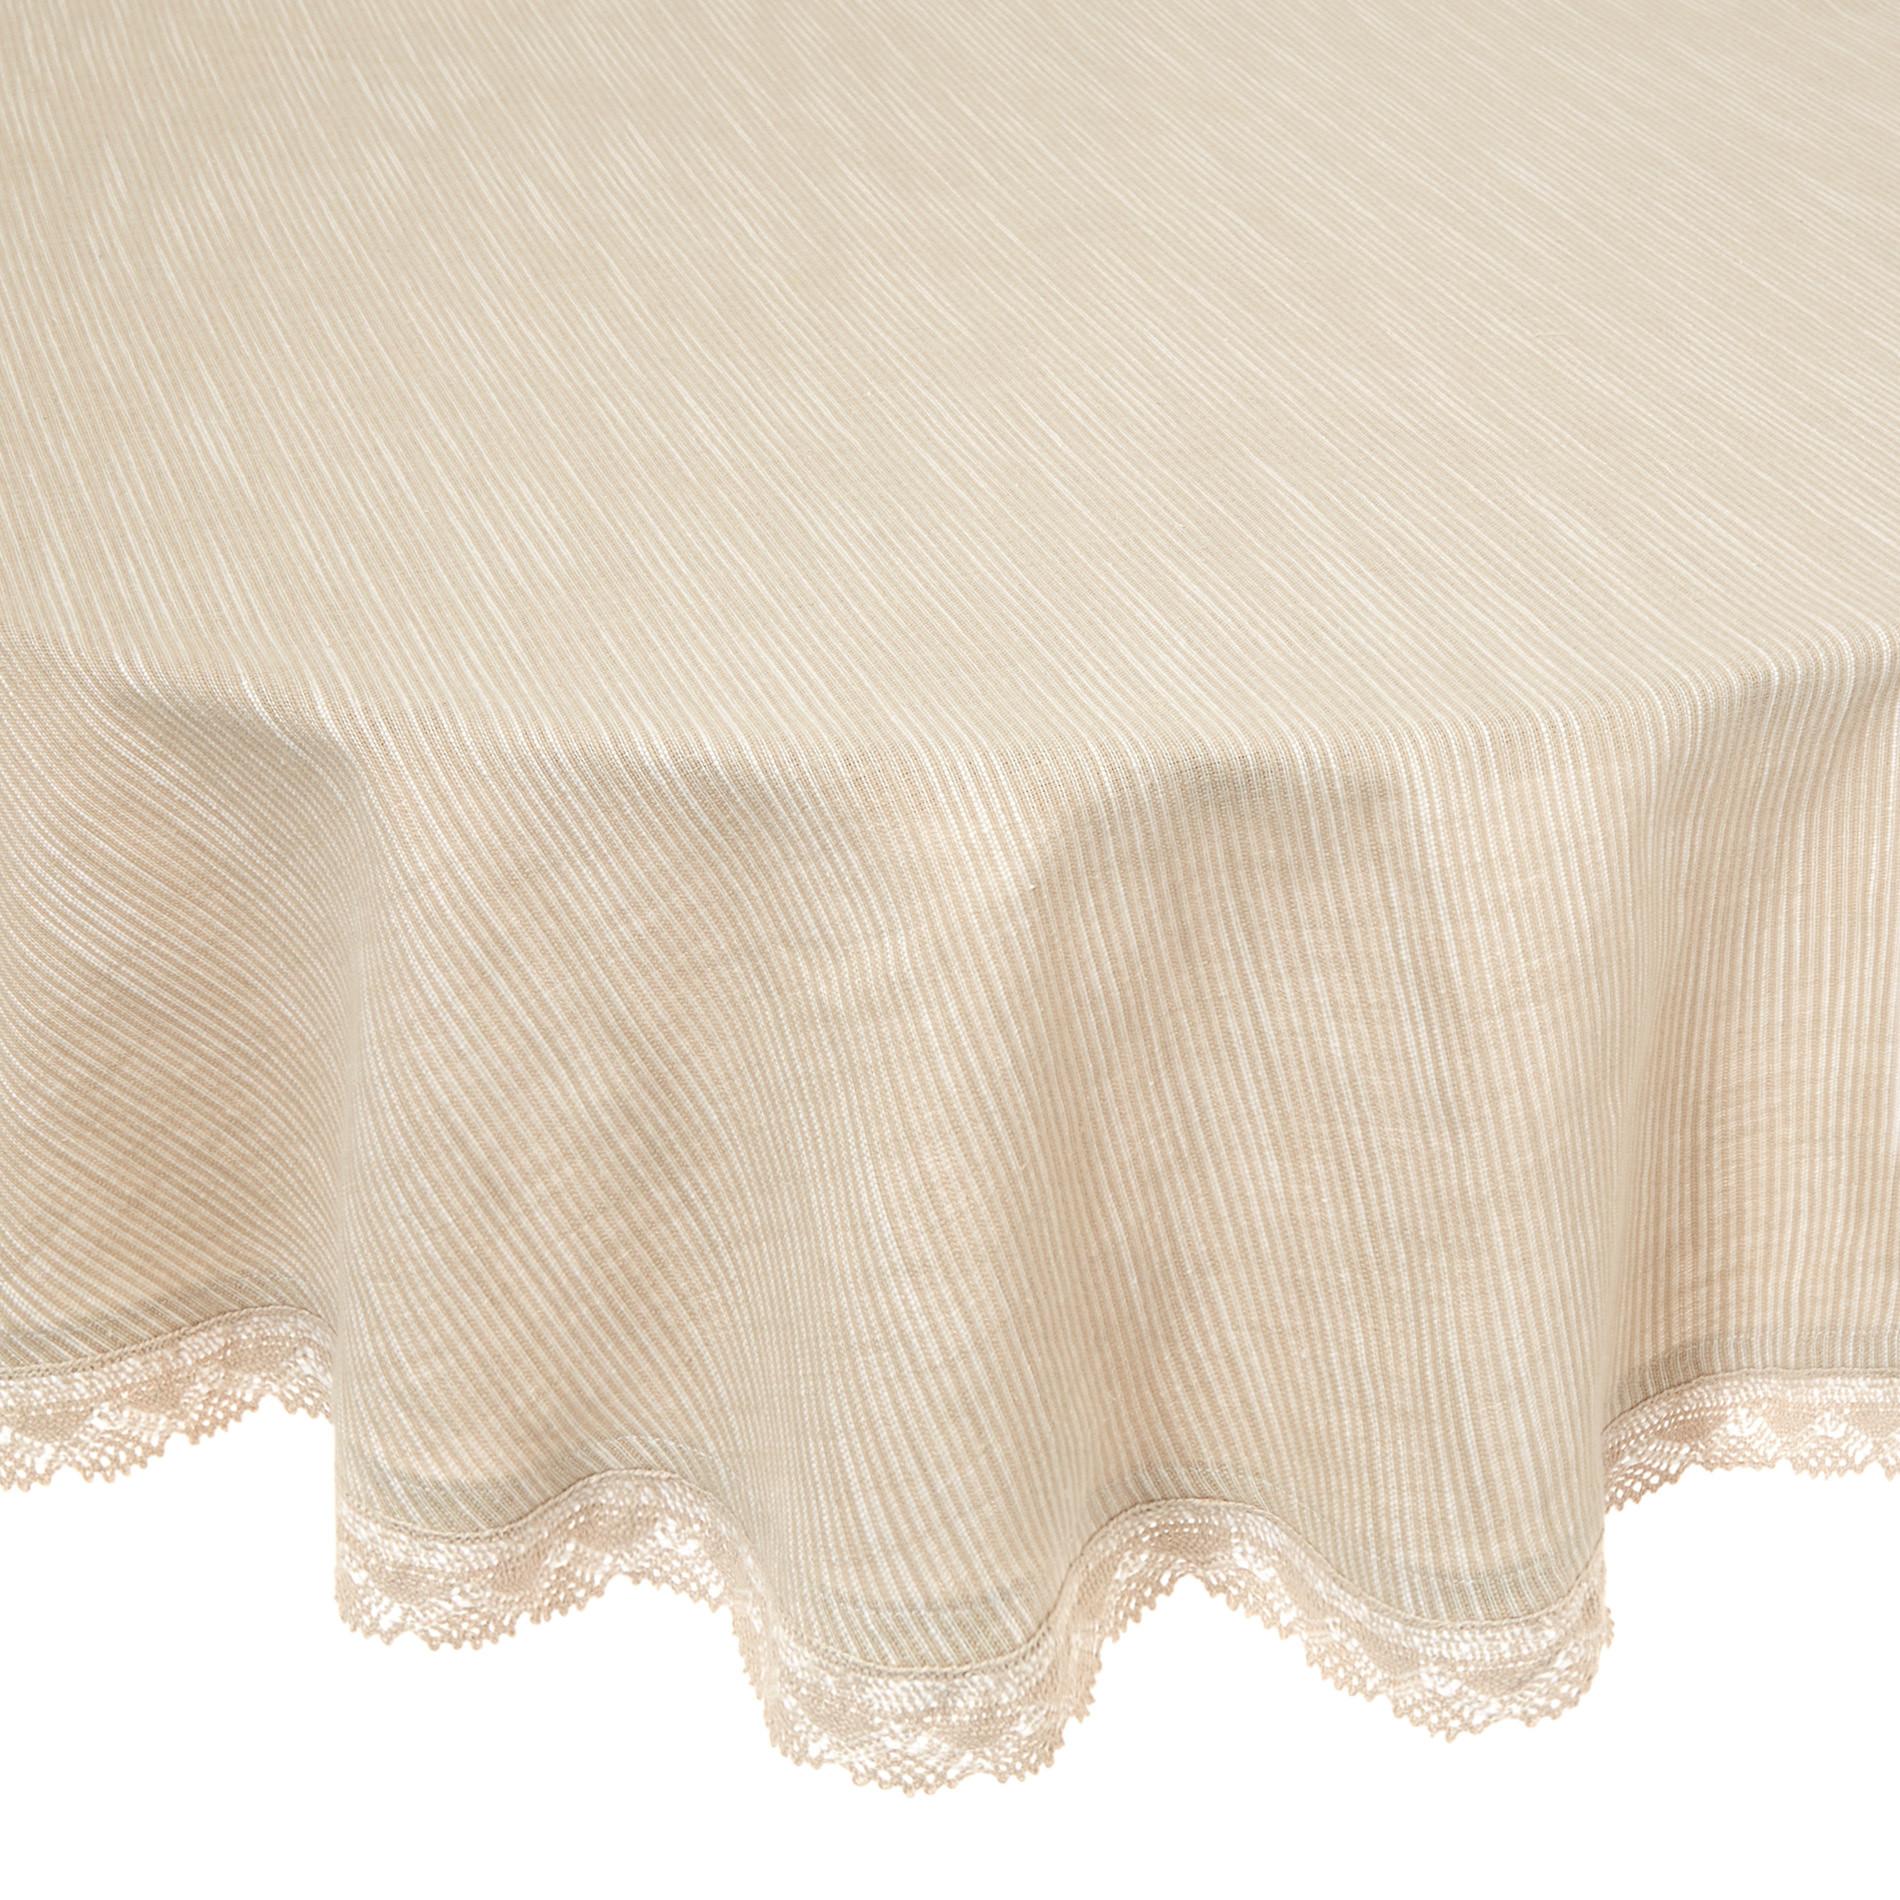 Tovaglia rotonda puro cotone fiammato bordo in pizzo, Bianco, large image number 0